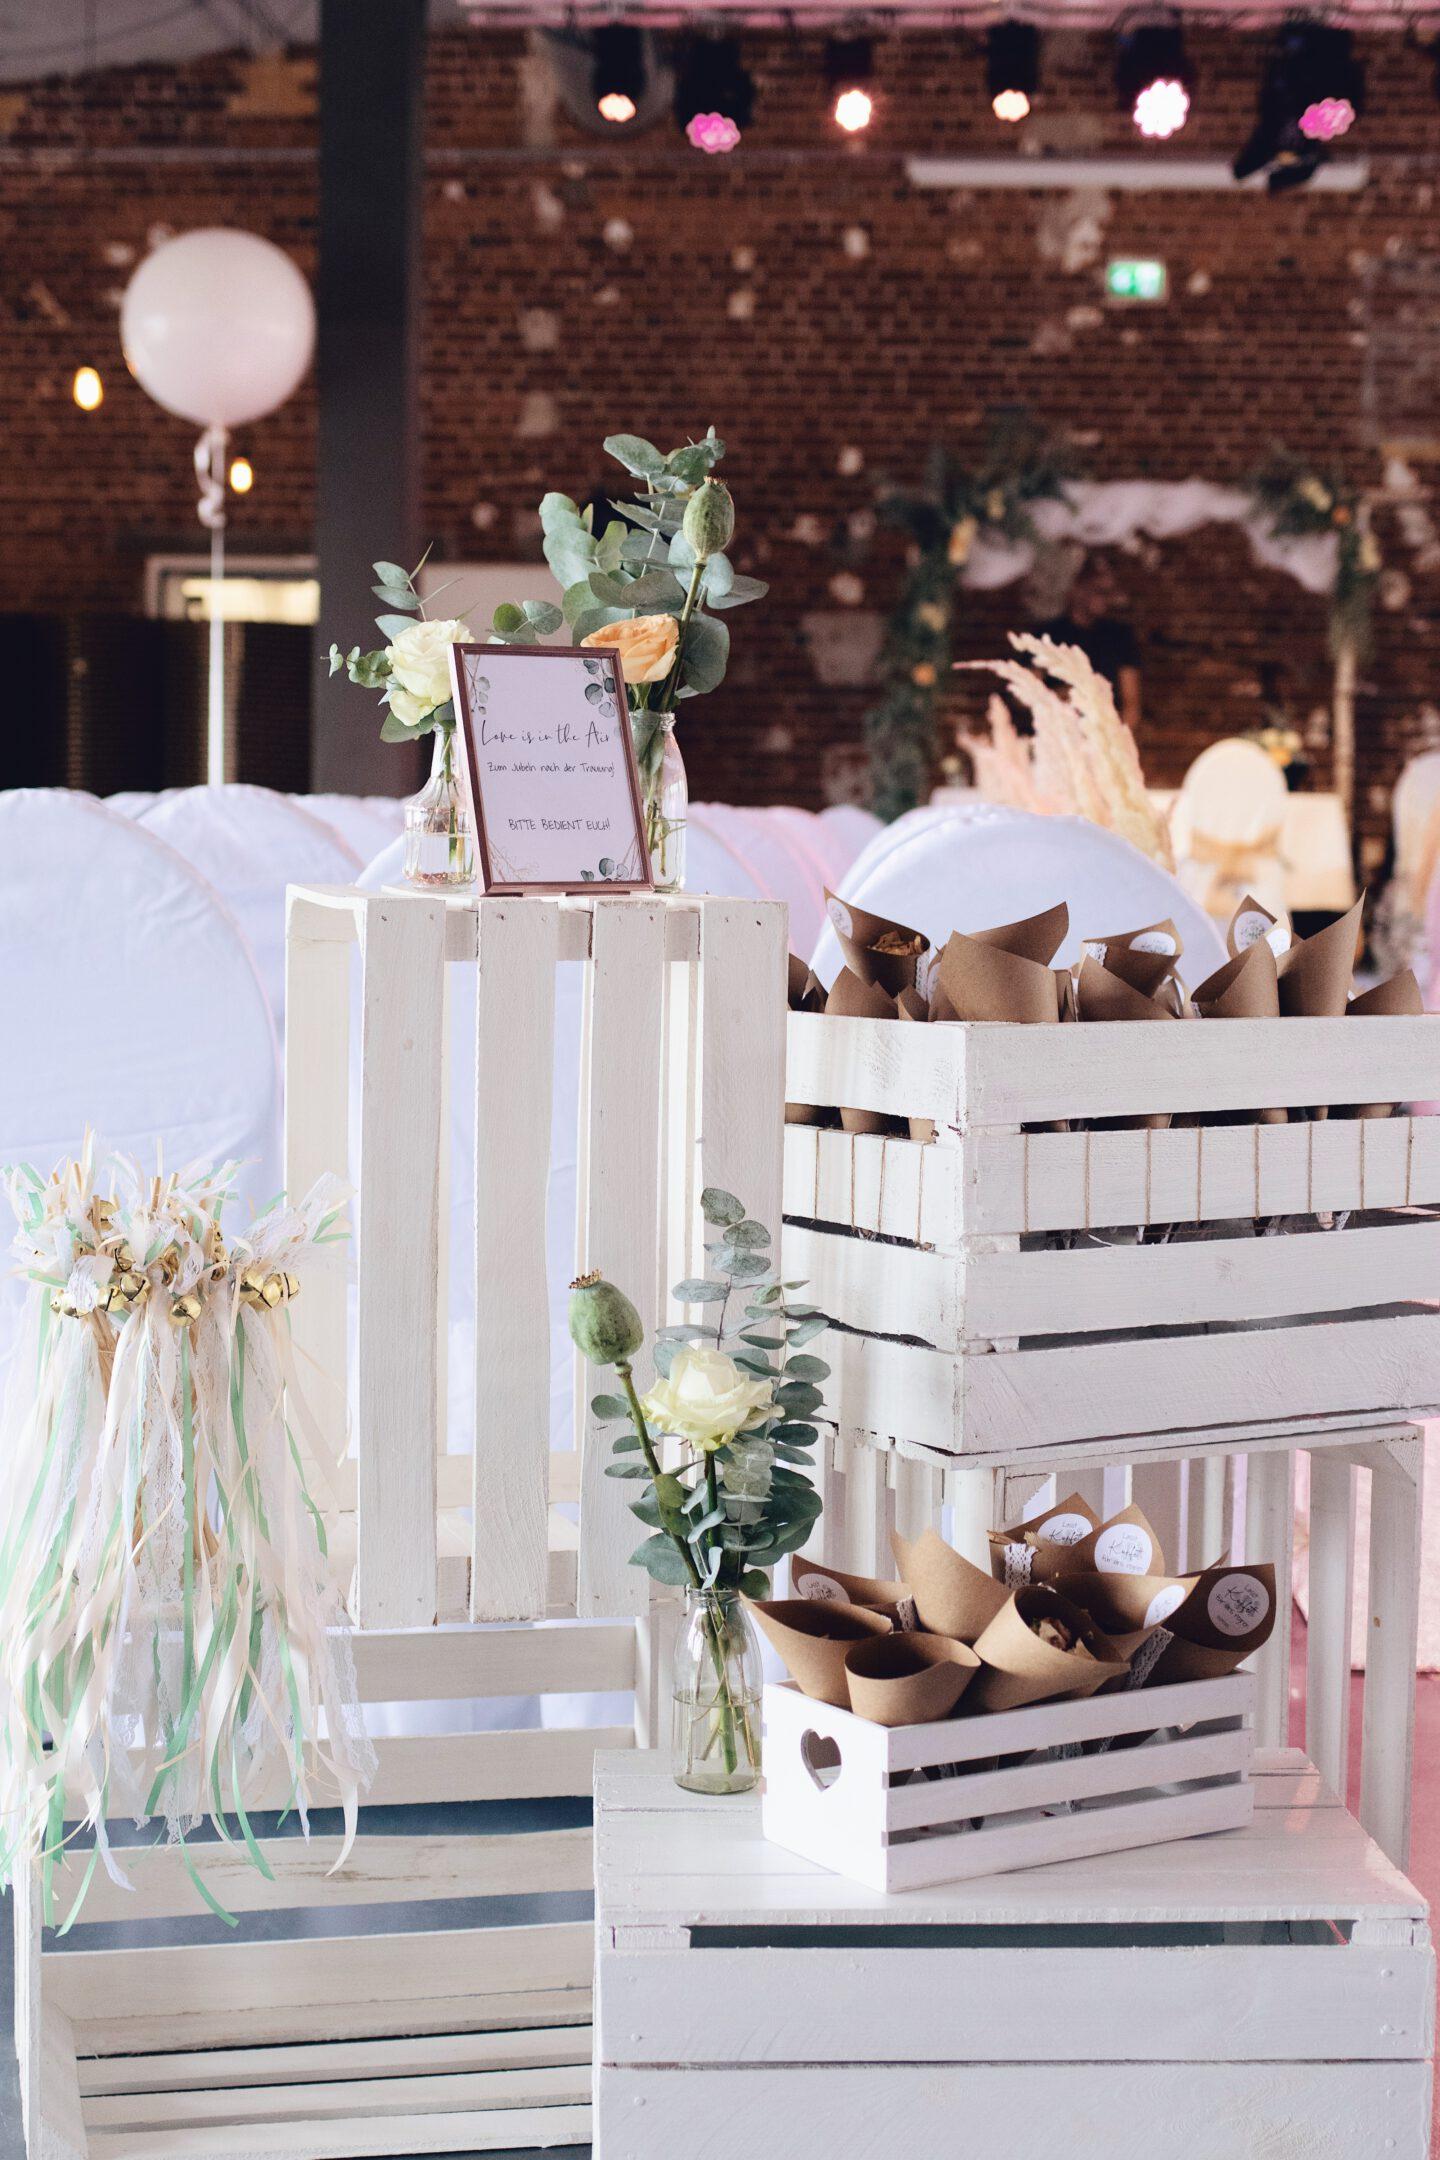 DIY Boho-Hochzeit: Zubehör für die Trauung - Wedding Wands, Streublumen, Seifenblasen auf Holzkisten